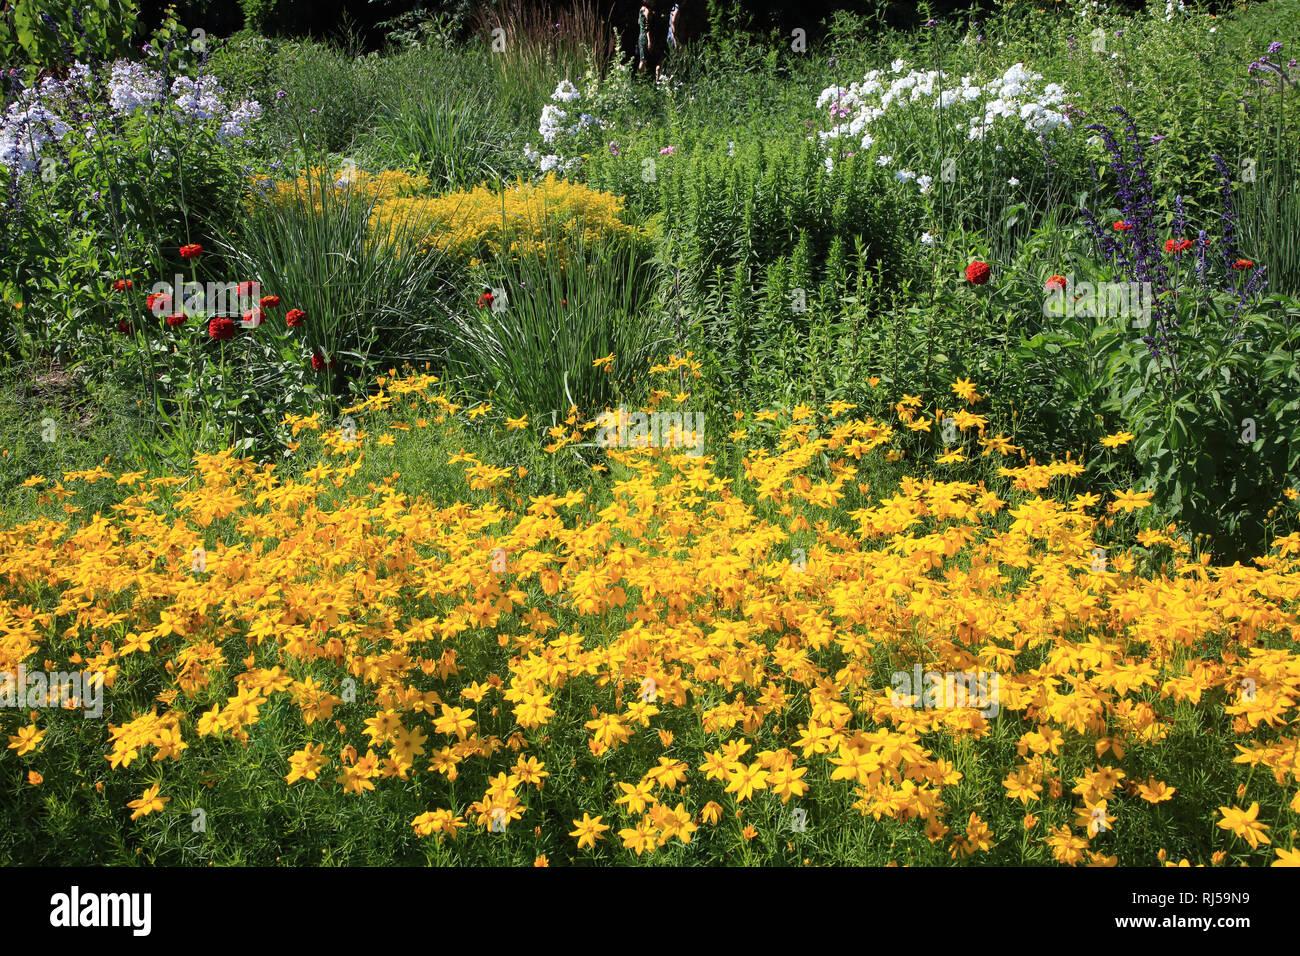 Garten im Sommer mit Sonnenhut - Stock Image